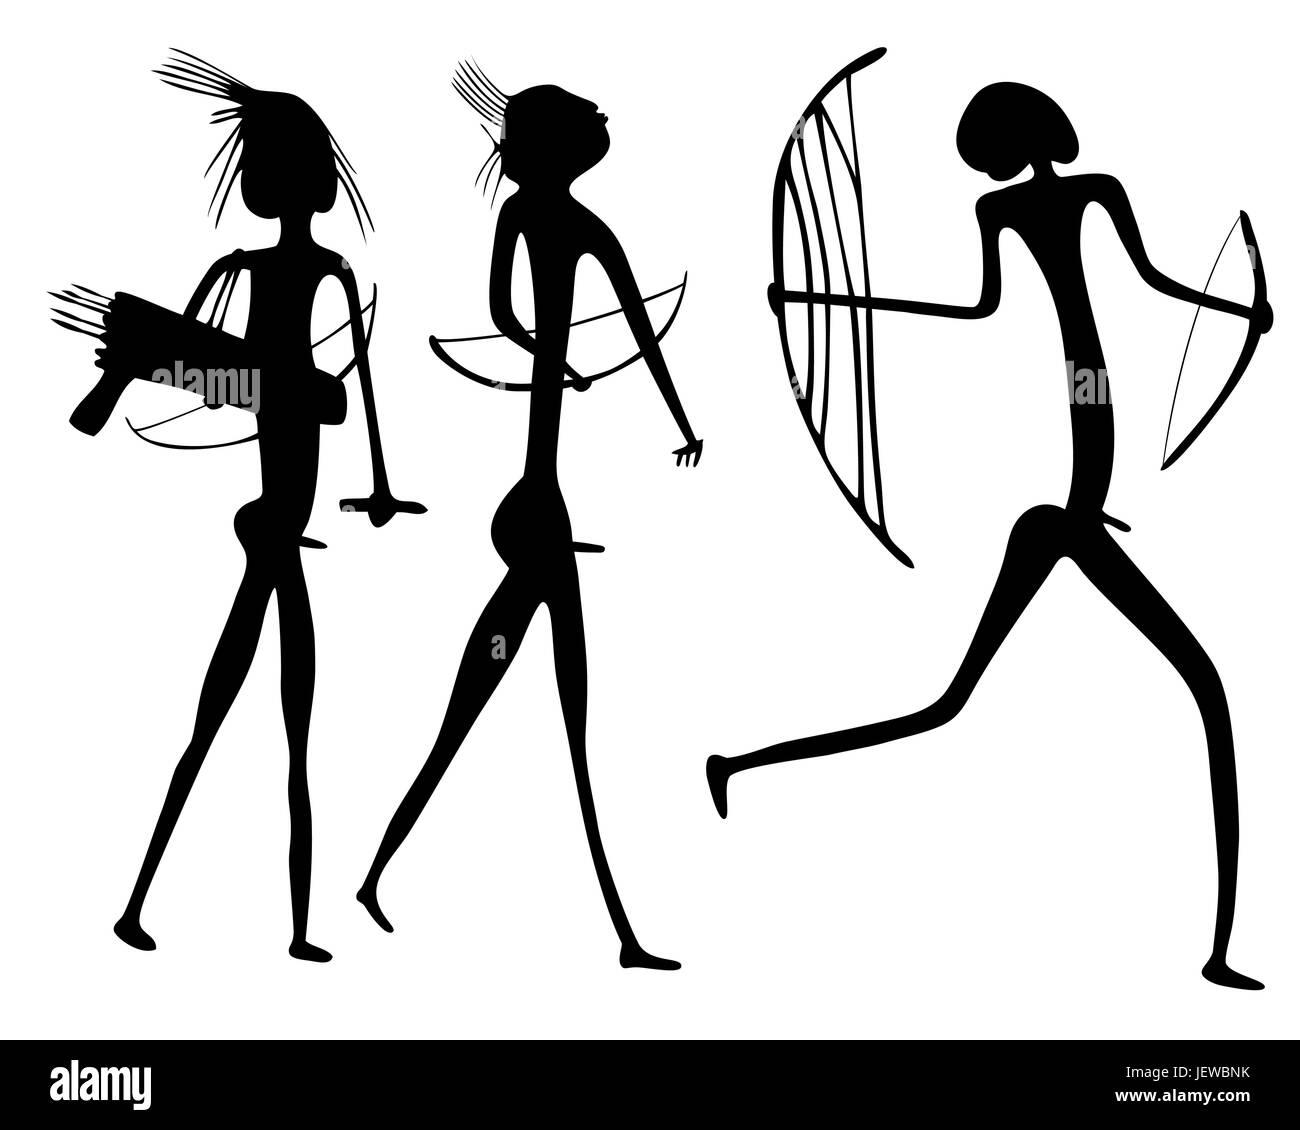 art, africa, primeval, vector, aboriginal, prehistoric, savage, haggardly, Stock Vector